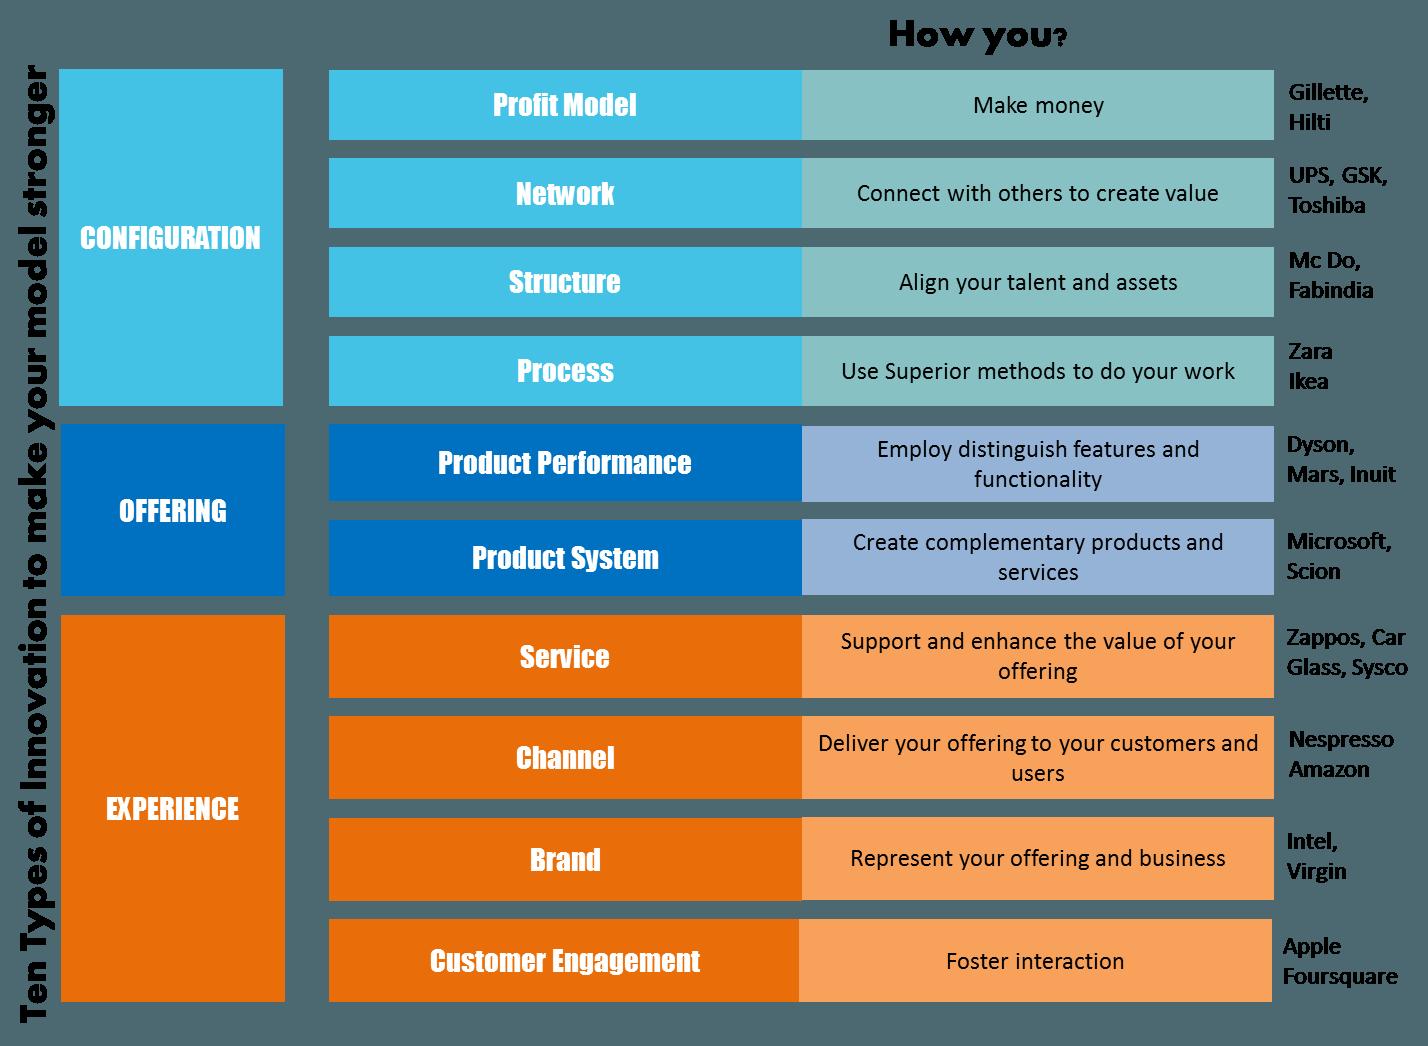 Ten Types of Innovation Entrepreneurs! Let's Do This